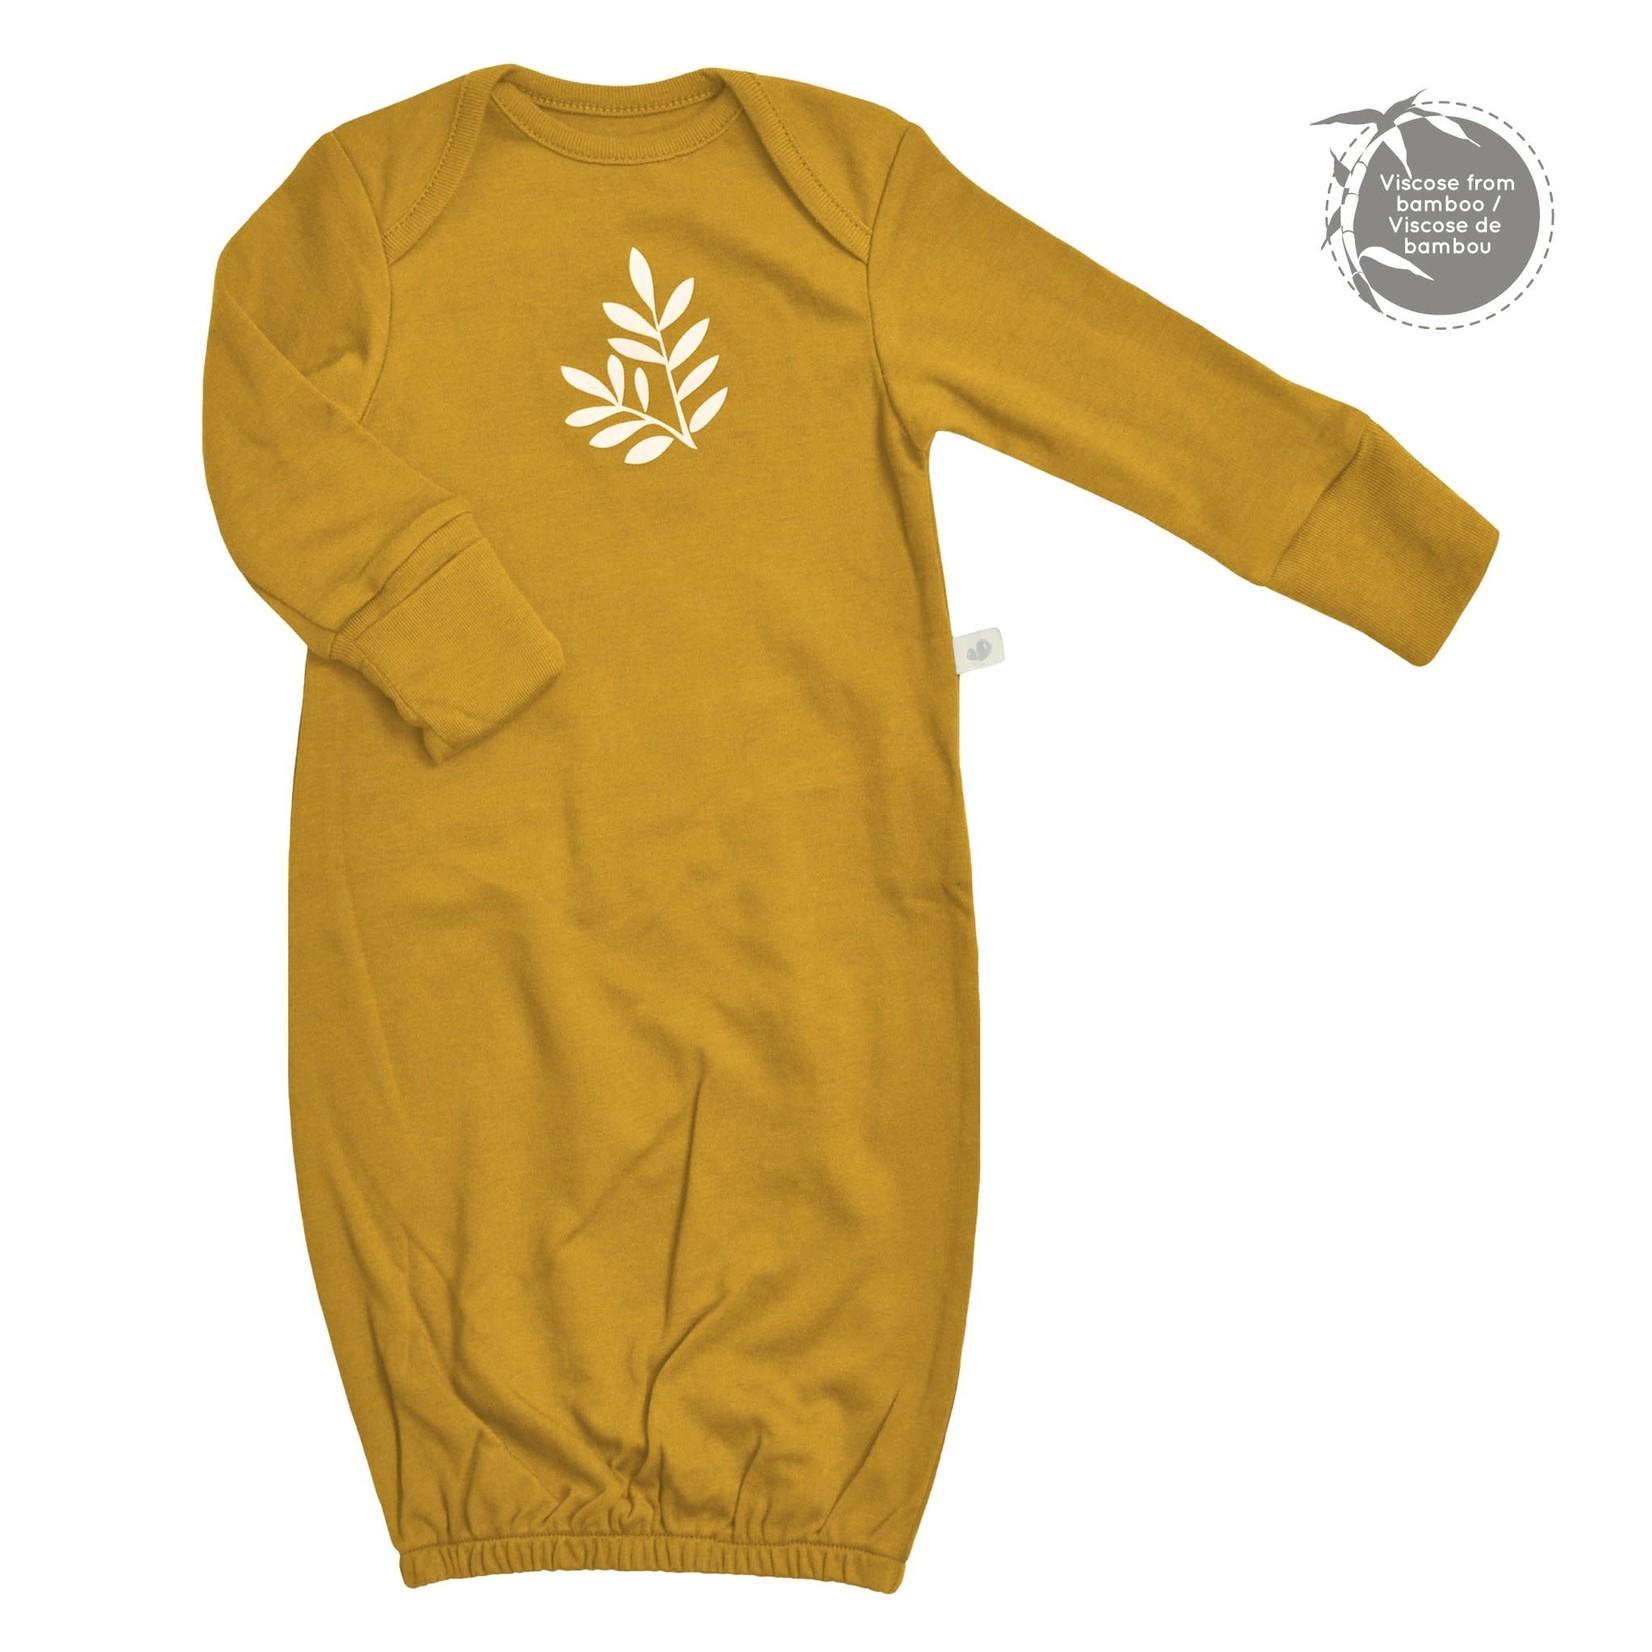 Bamboo Nightgown - Mustard Yellow - Newborn